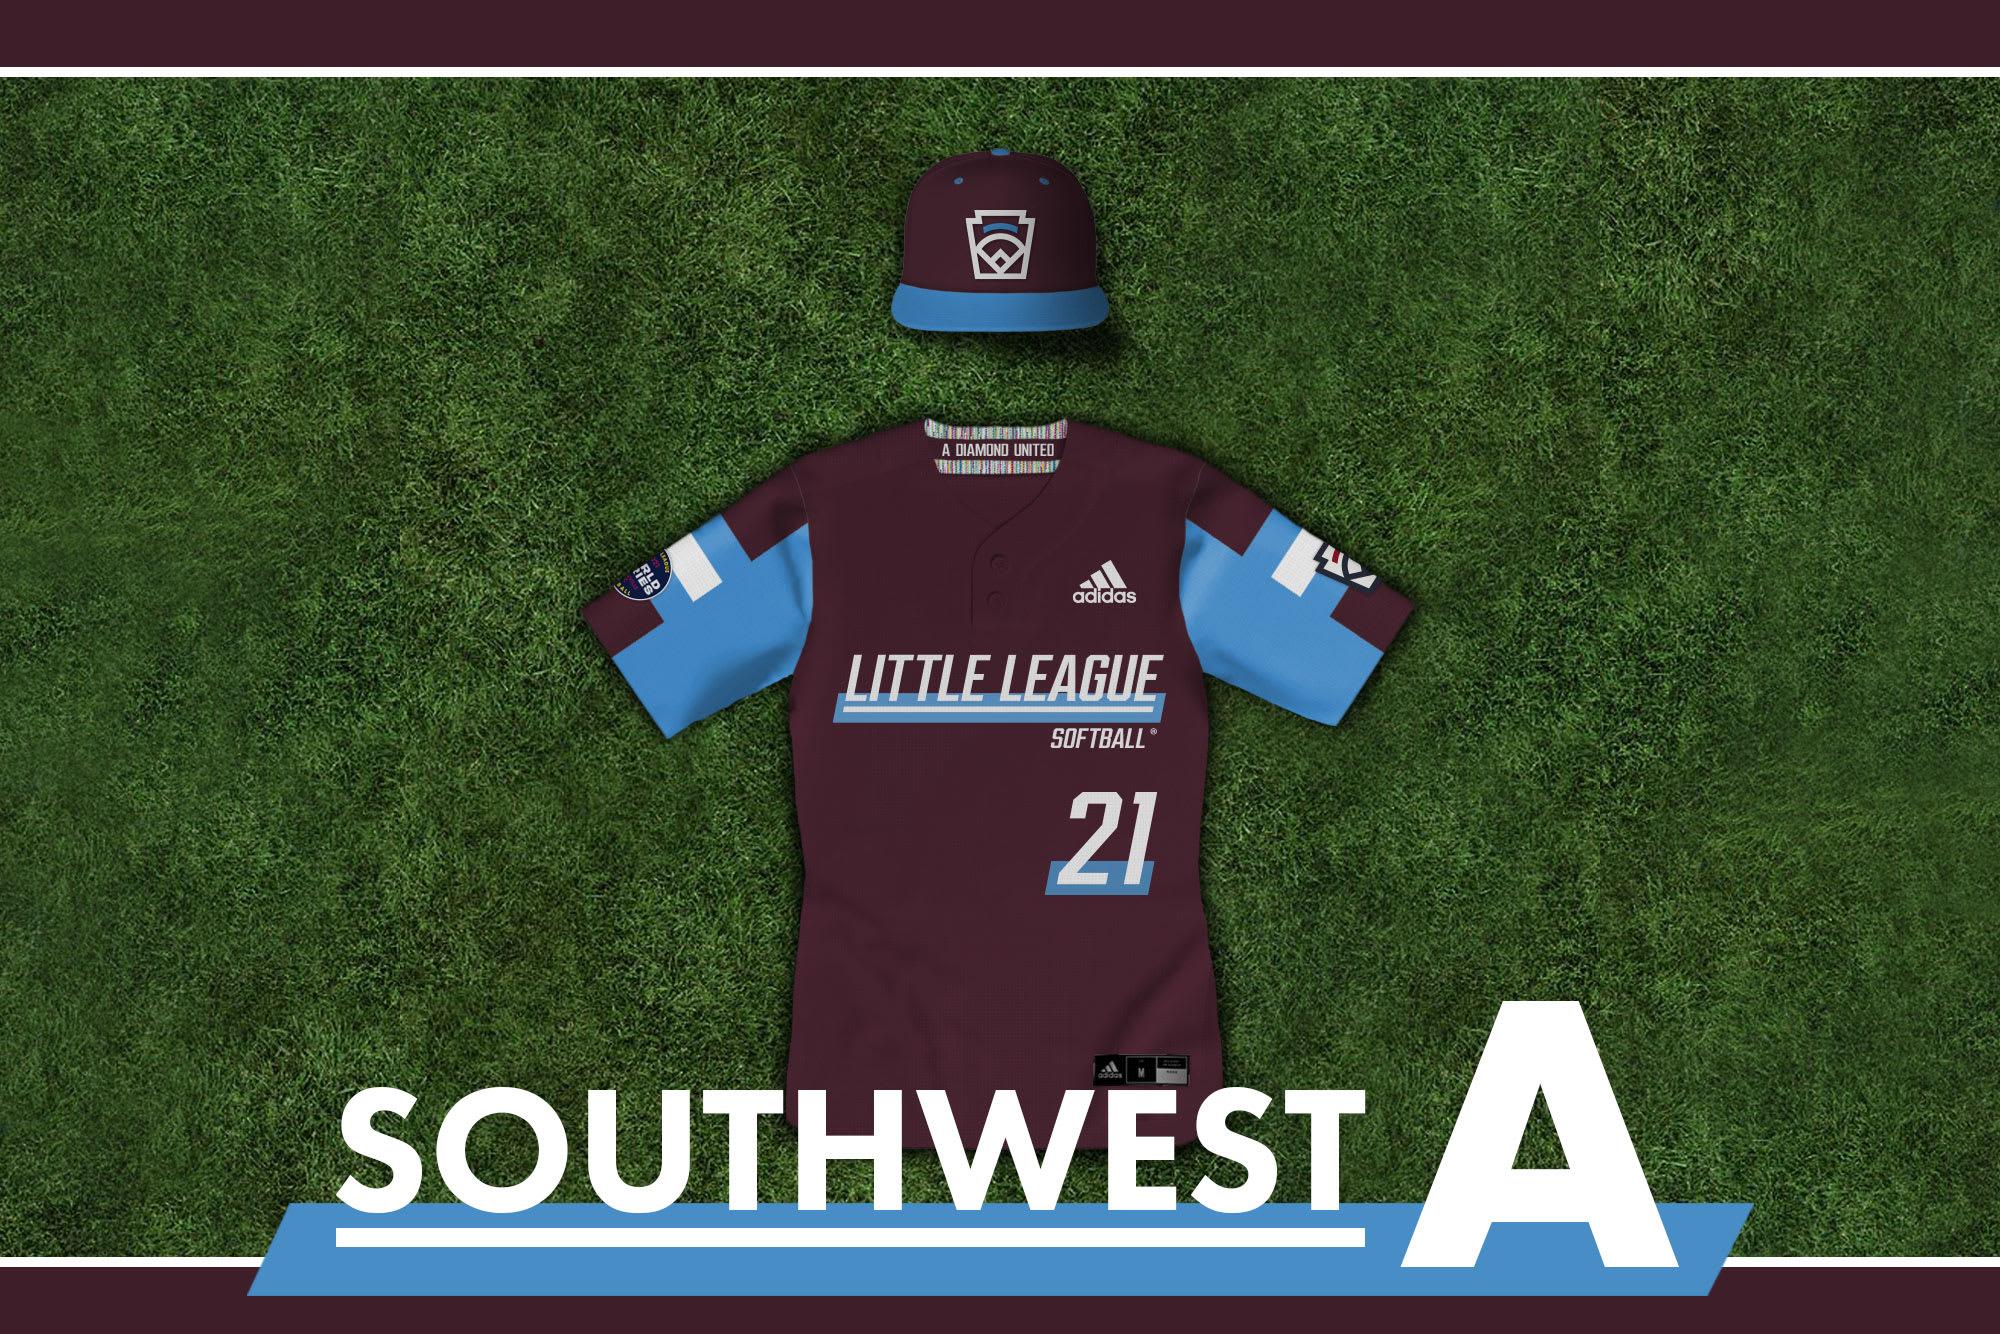 LLSB Southwest A uniform